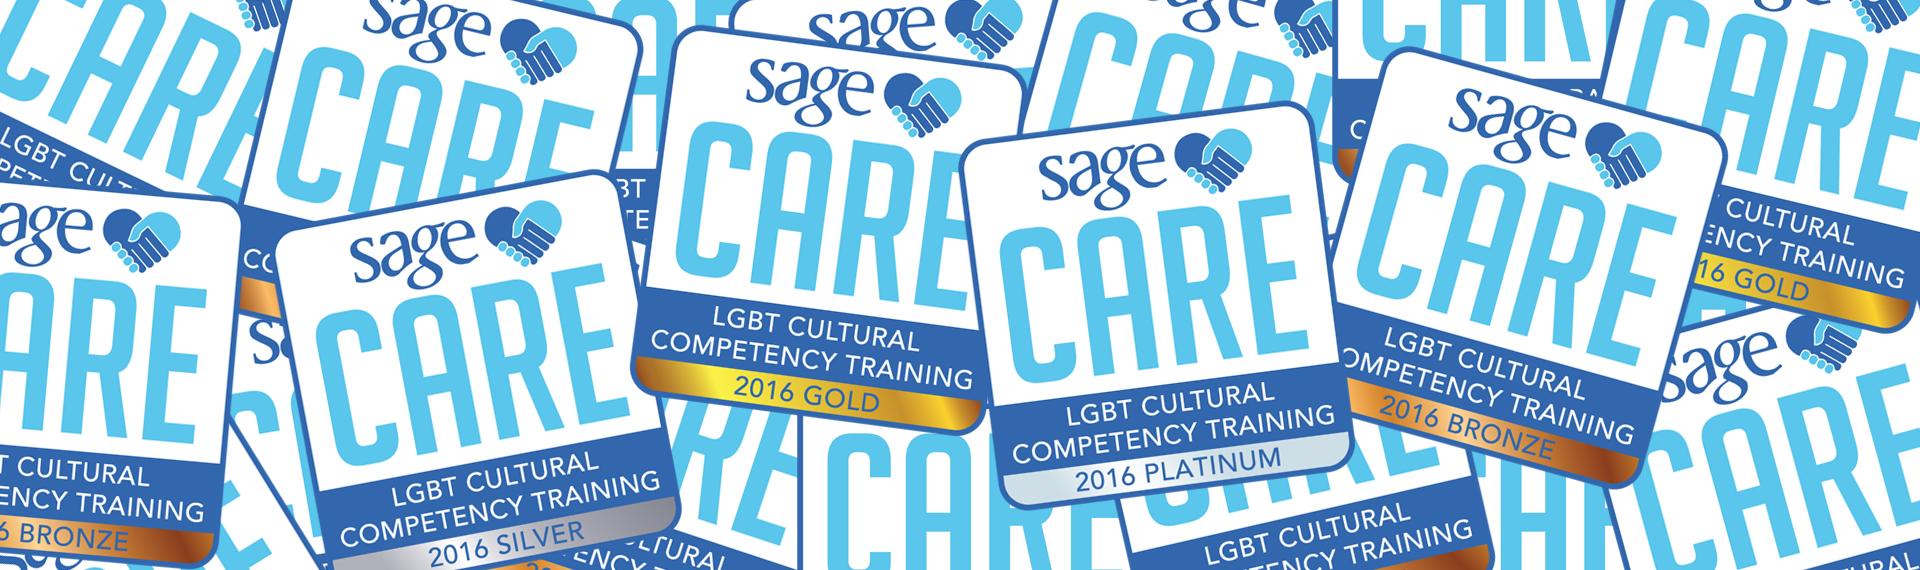 SAGECare August 2021 Recap